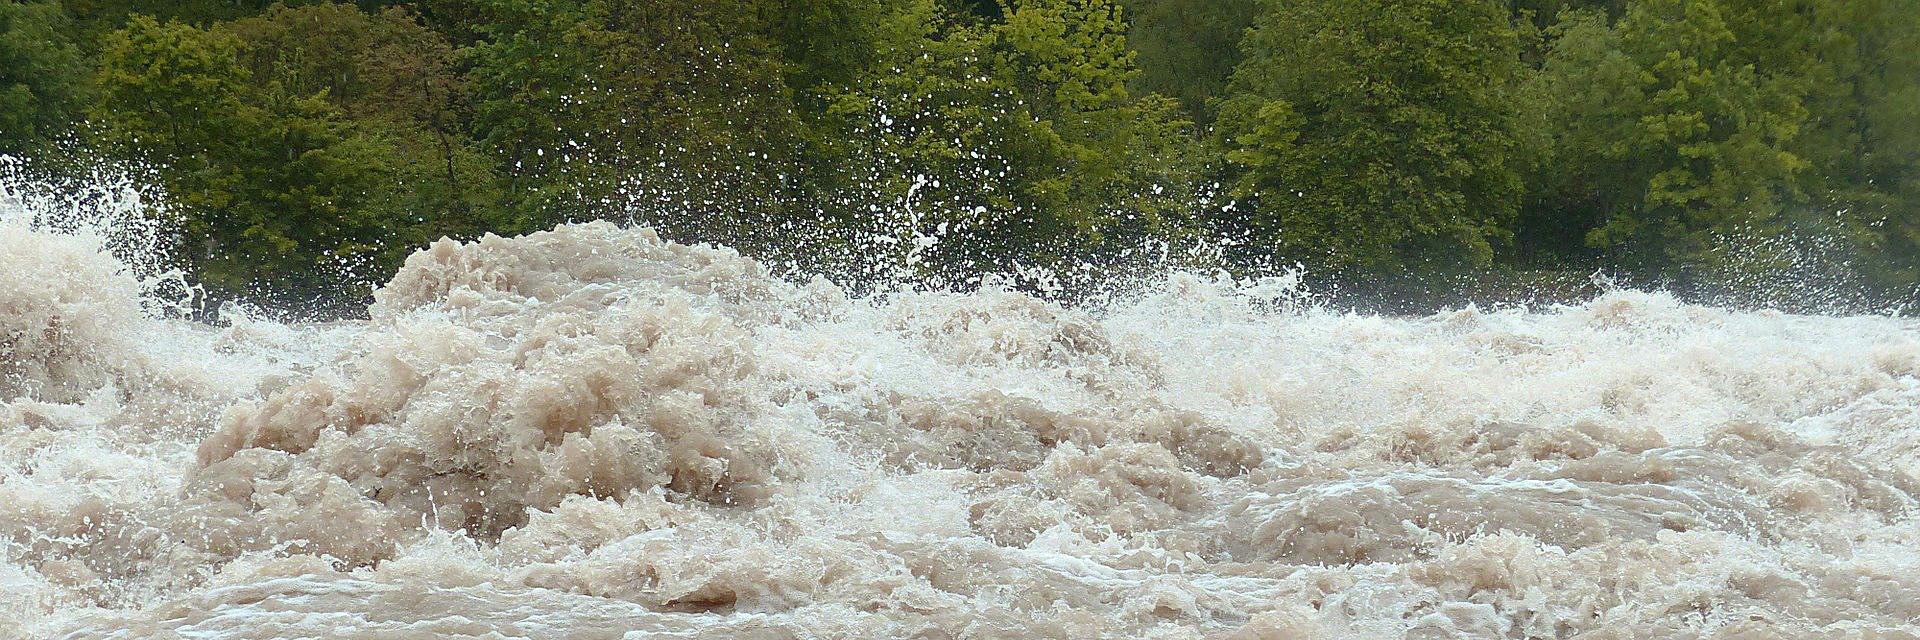 21.07 Hochwasser Titel